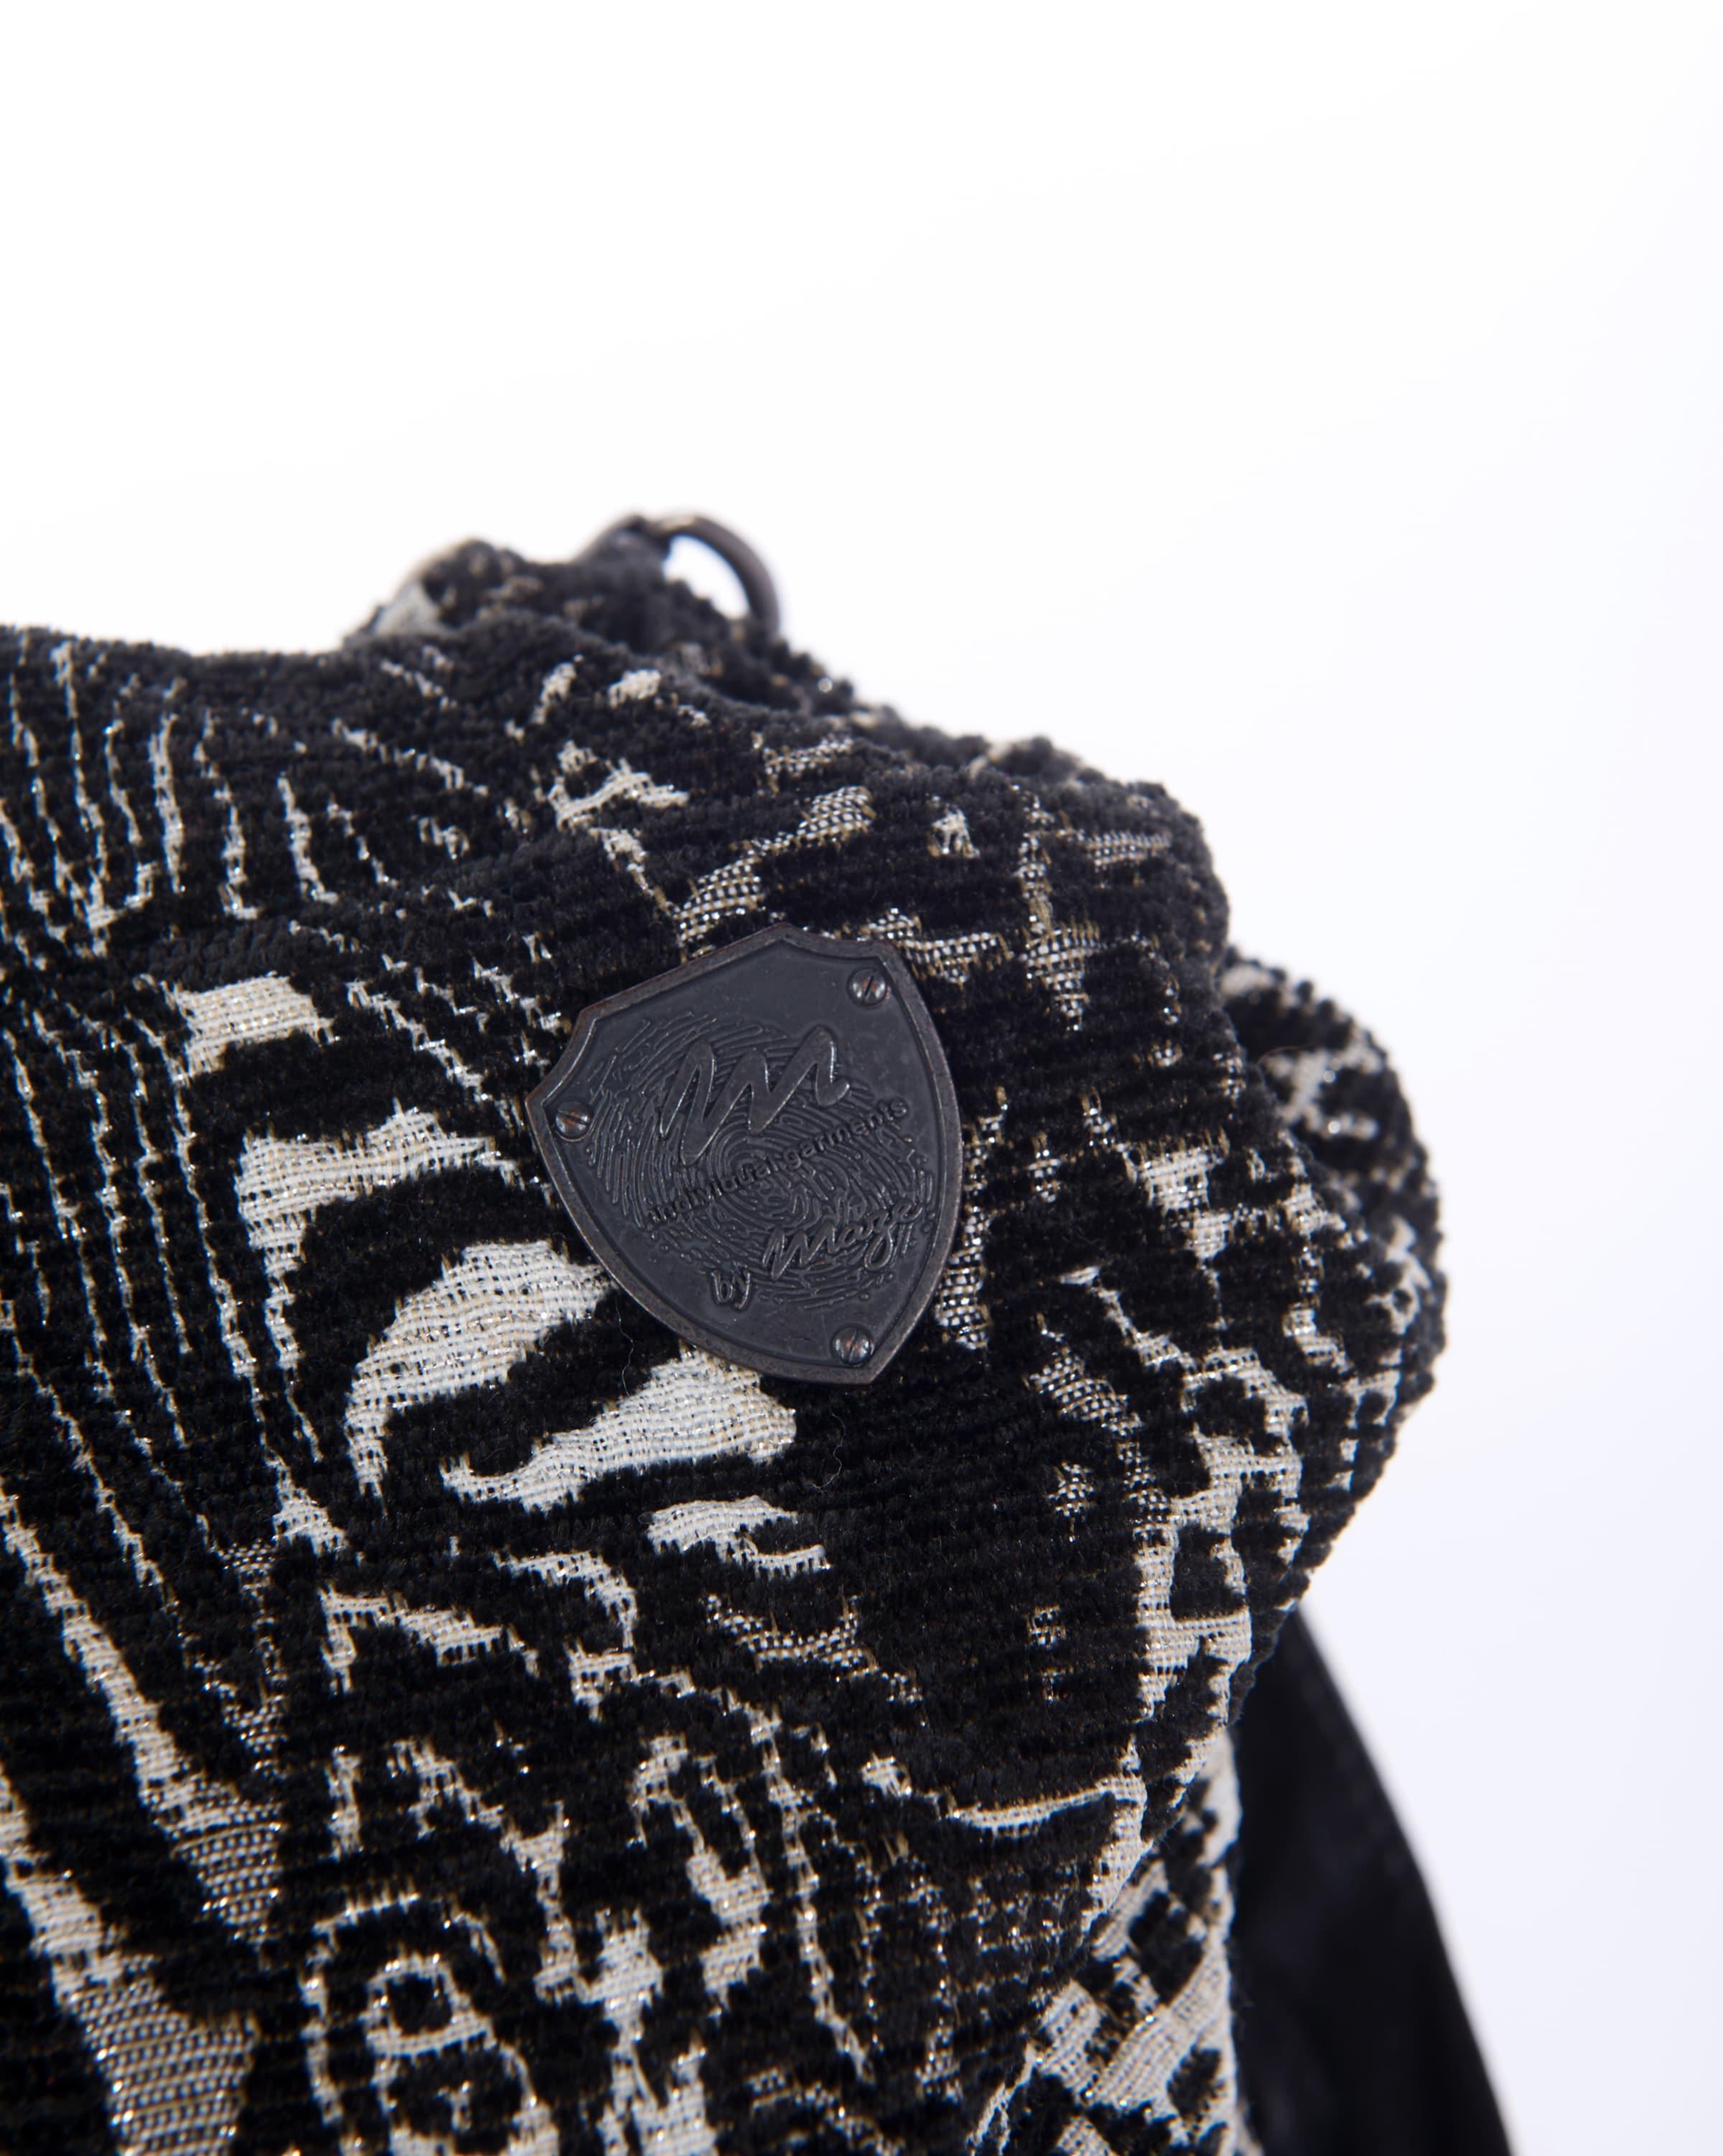 Maze In Handtasche In SchwarzWeiß Maze 'damaskus' Handtasche 'damaskus' SchwarzWeiß Maze SzpGLMVjqU